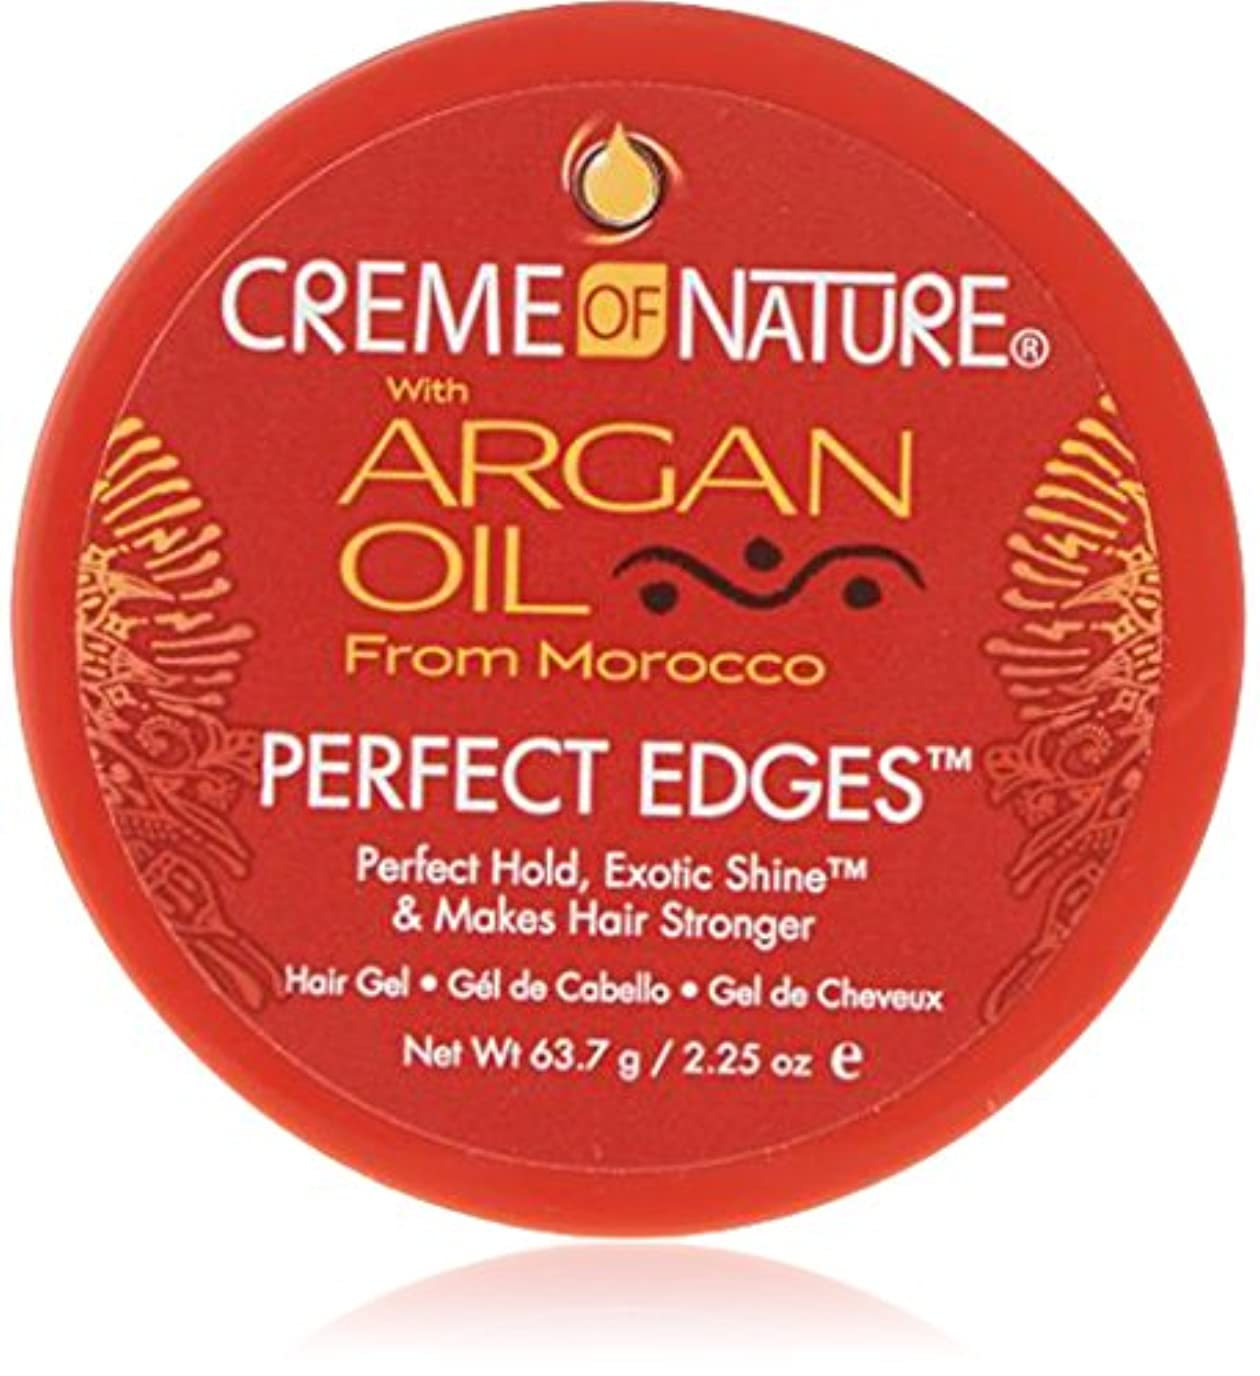 後世チャンピオンアシスタントCreme of Nature Argan Oil Perfect Edges Control 64g Jar (並行輸入品)